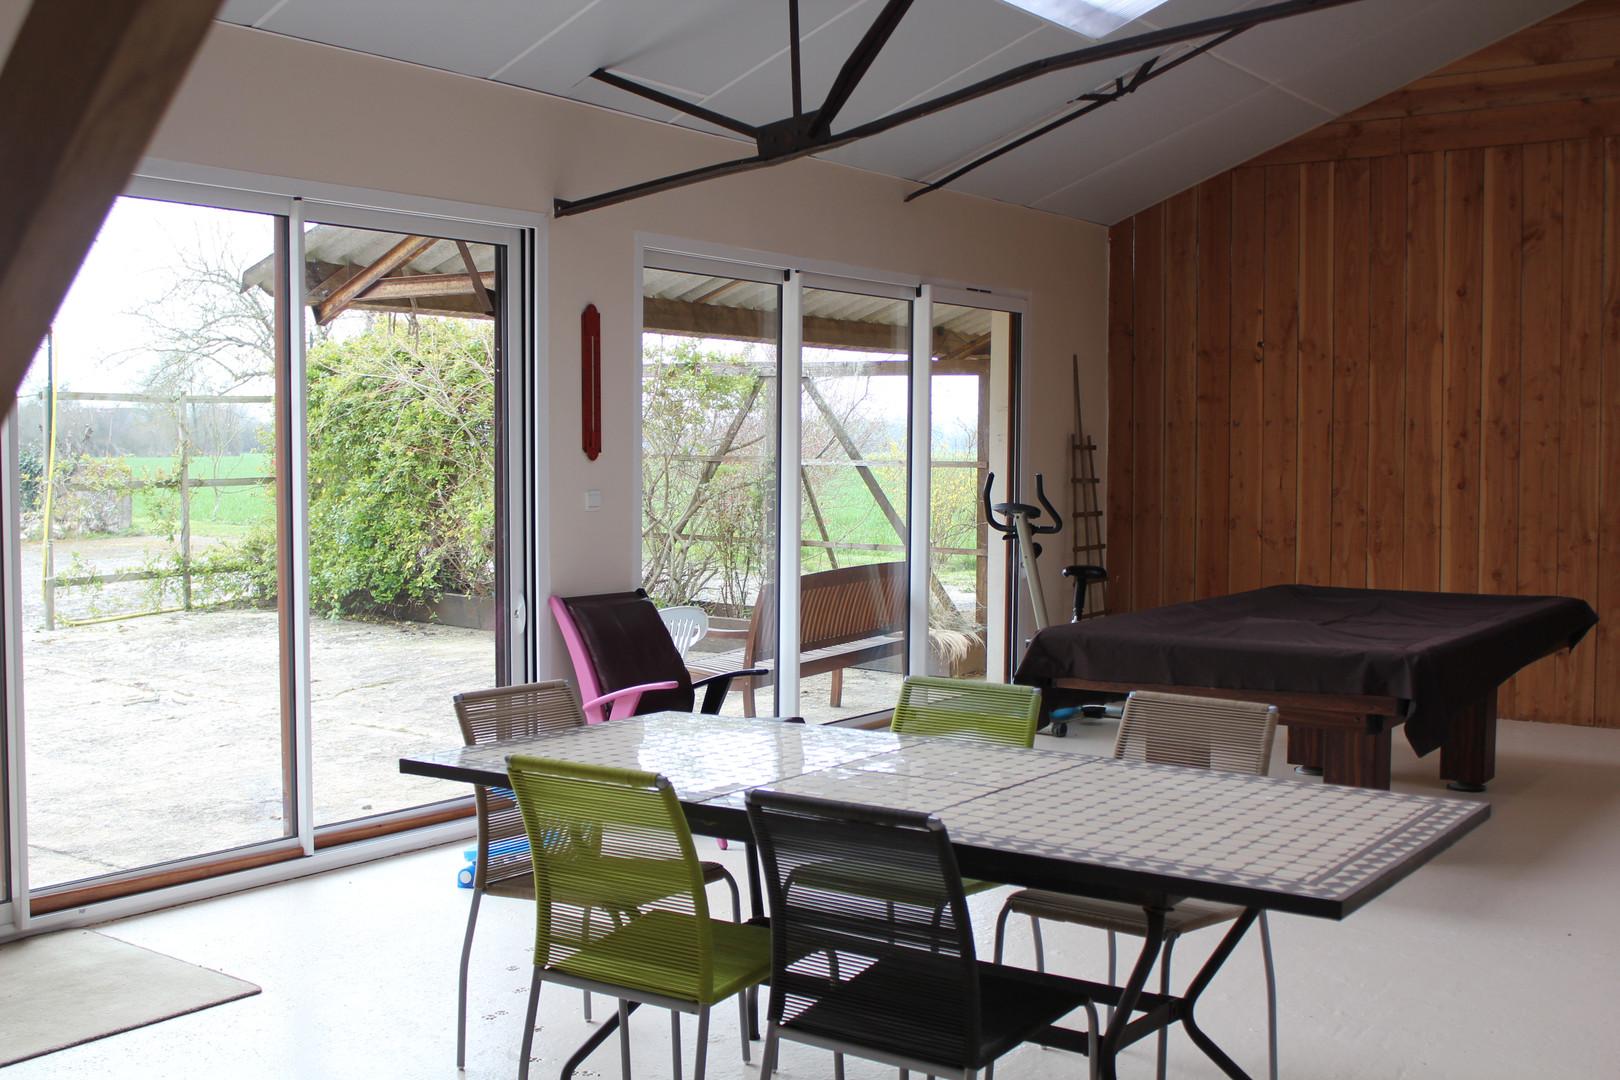 Espace de détente chambres d'hôtes